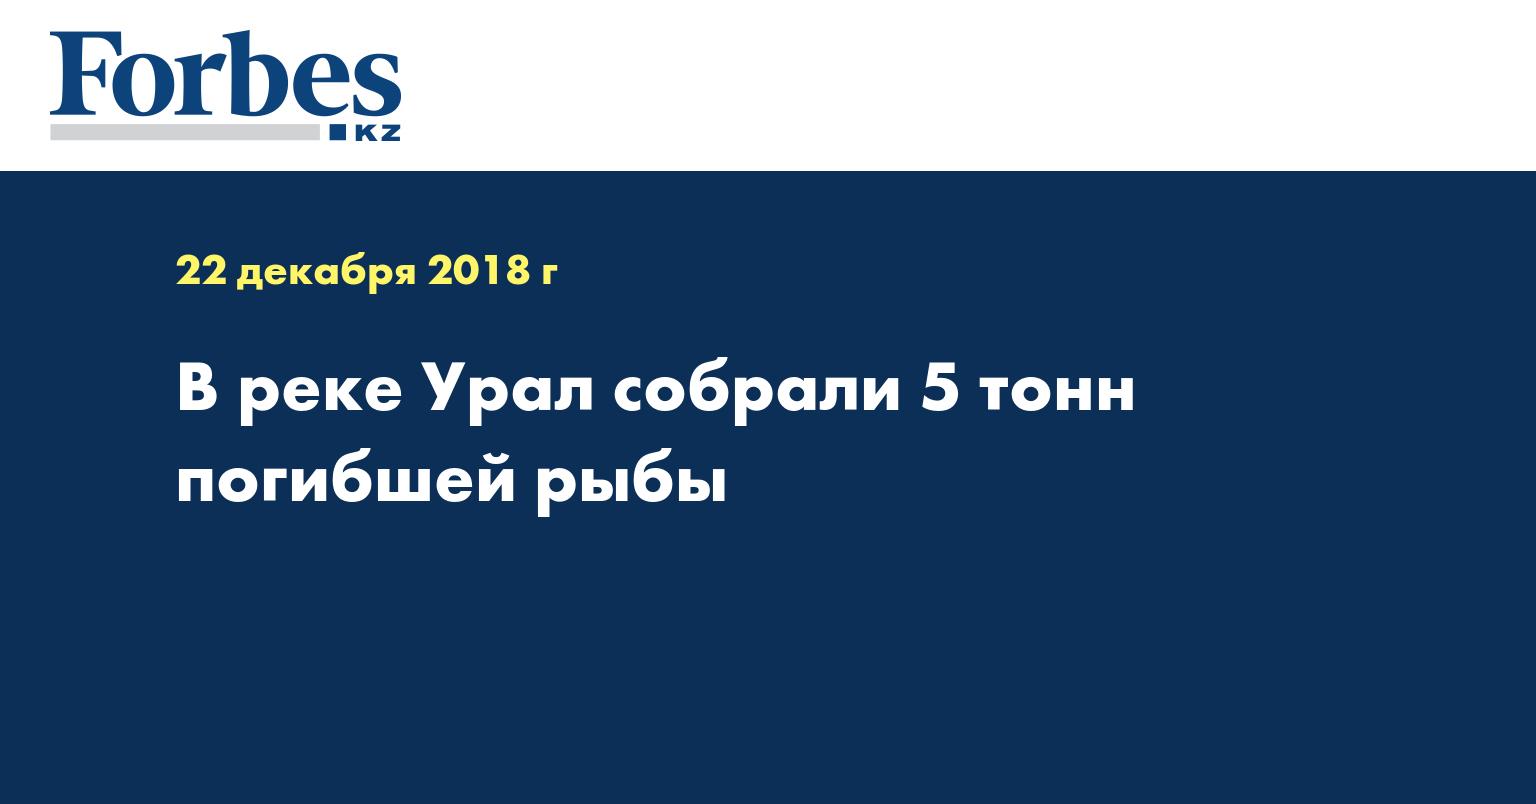 В реке Урал собрали 5 тонн погибшей рыбы